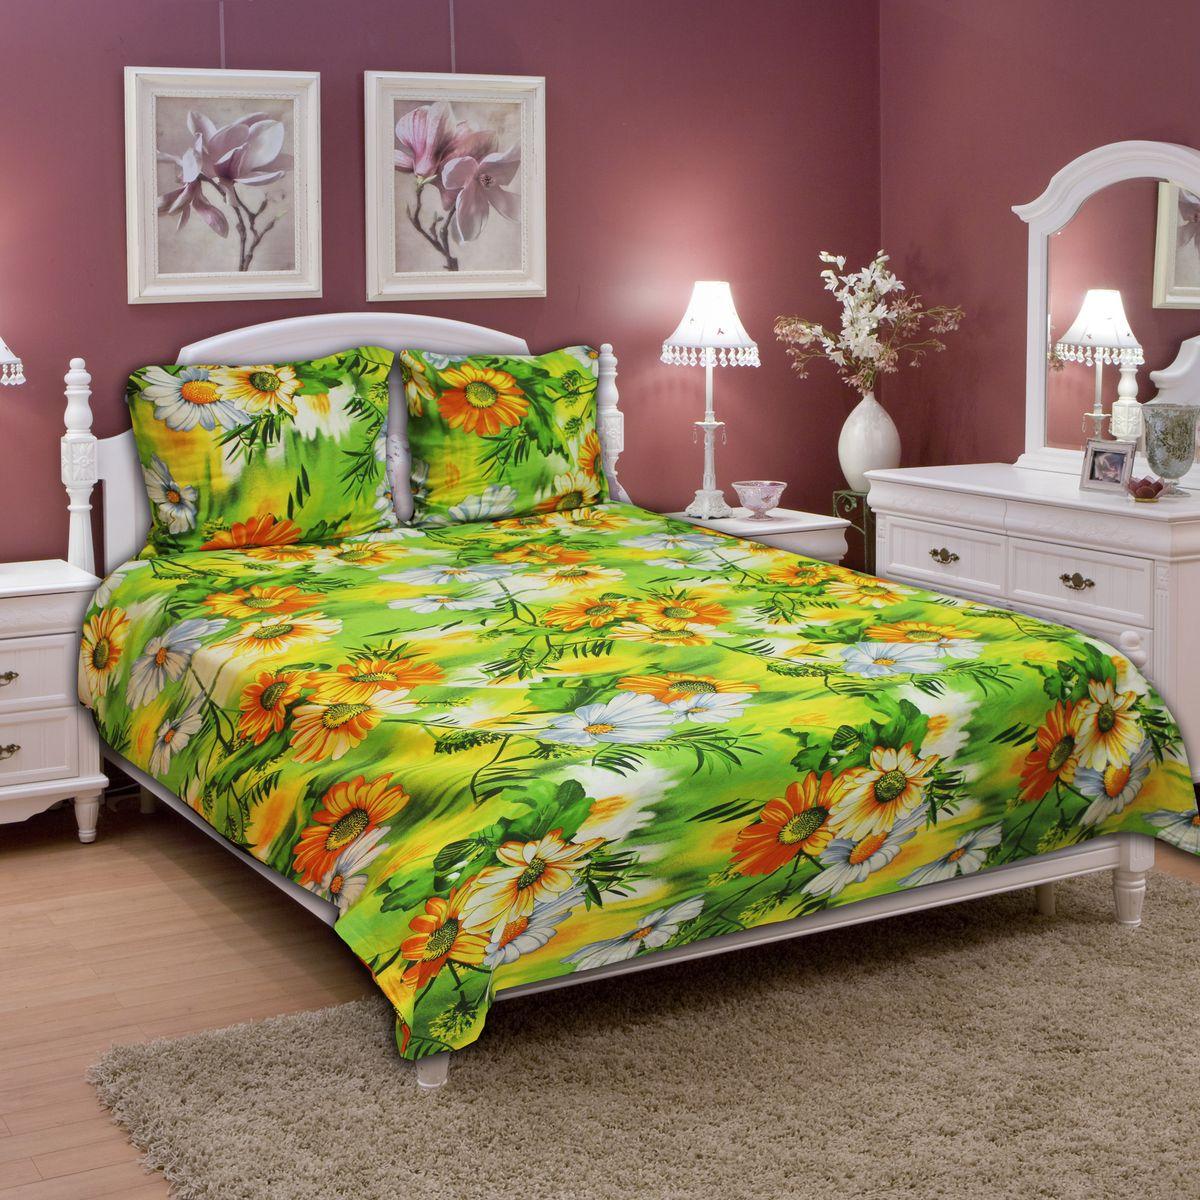 Комплект белья Amore Mio Meadow, 1,5-спальный, наволочки 70х7077696Постельное белье из бязи практично и долговечно, а самое главное - это 100% хлопок! Материал великолепно отводит влагу, отлично пропускает воздух, не капризен в уходе, легко стирается и гладится. Новая коллекция Naturel 3-D дизайнов позволит выбрать постельное белье на любой вкус!